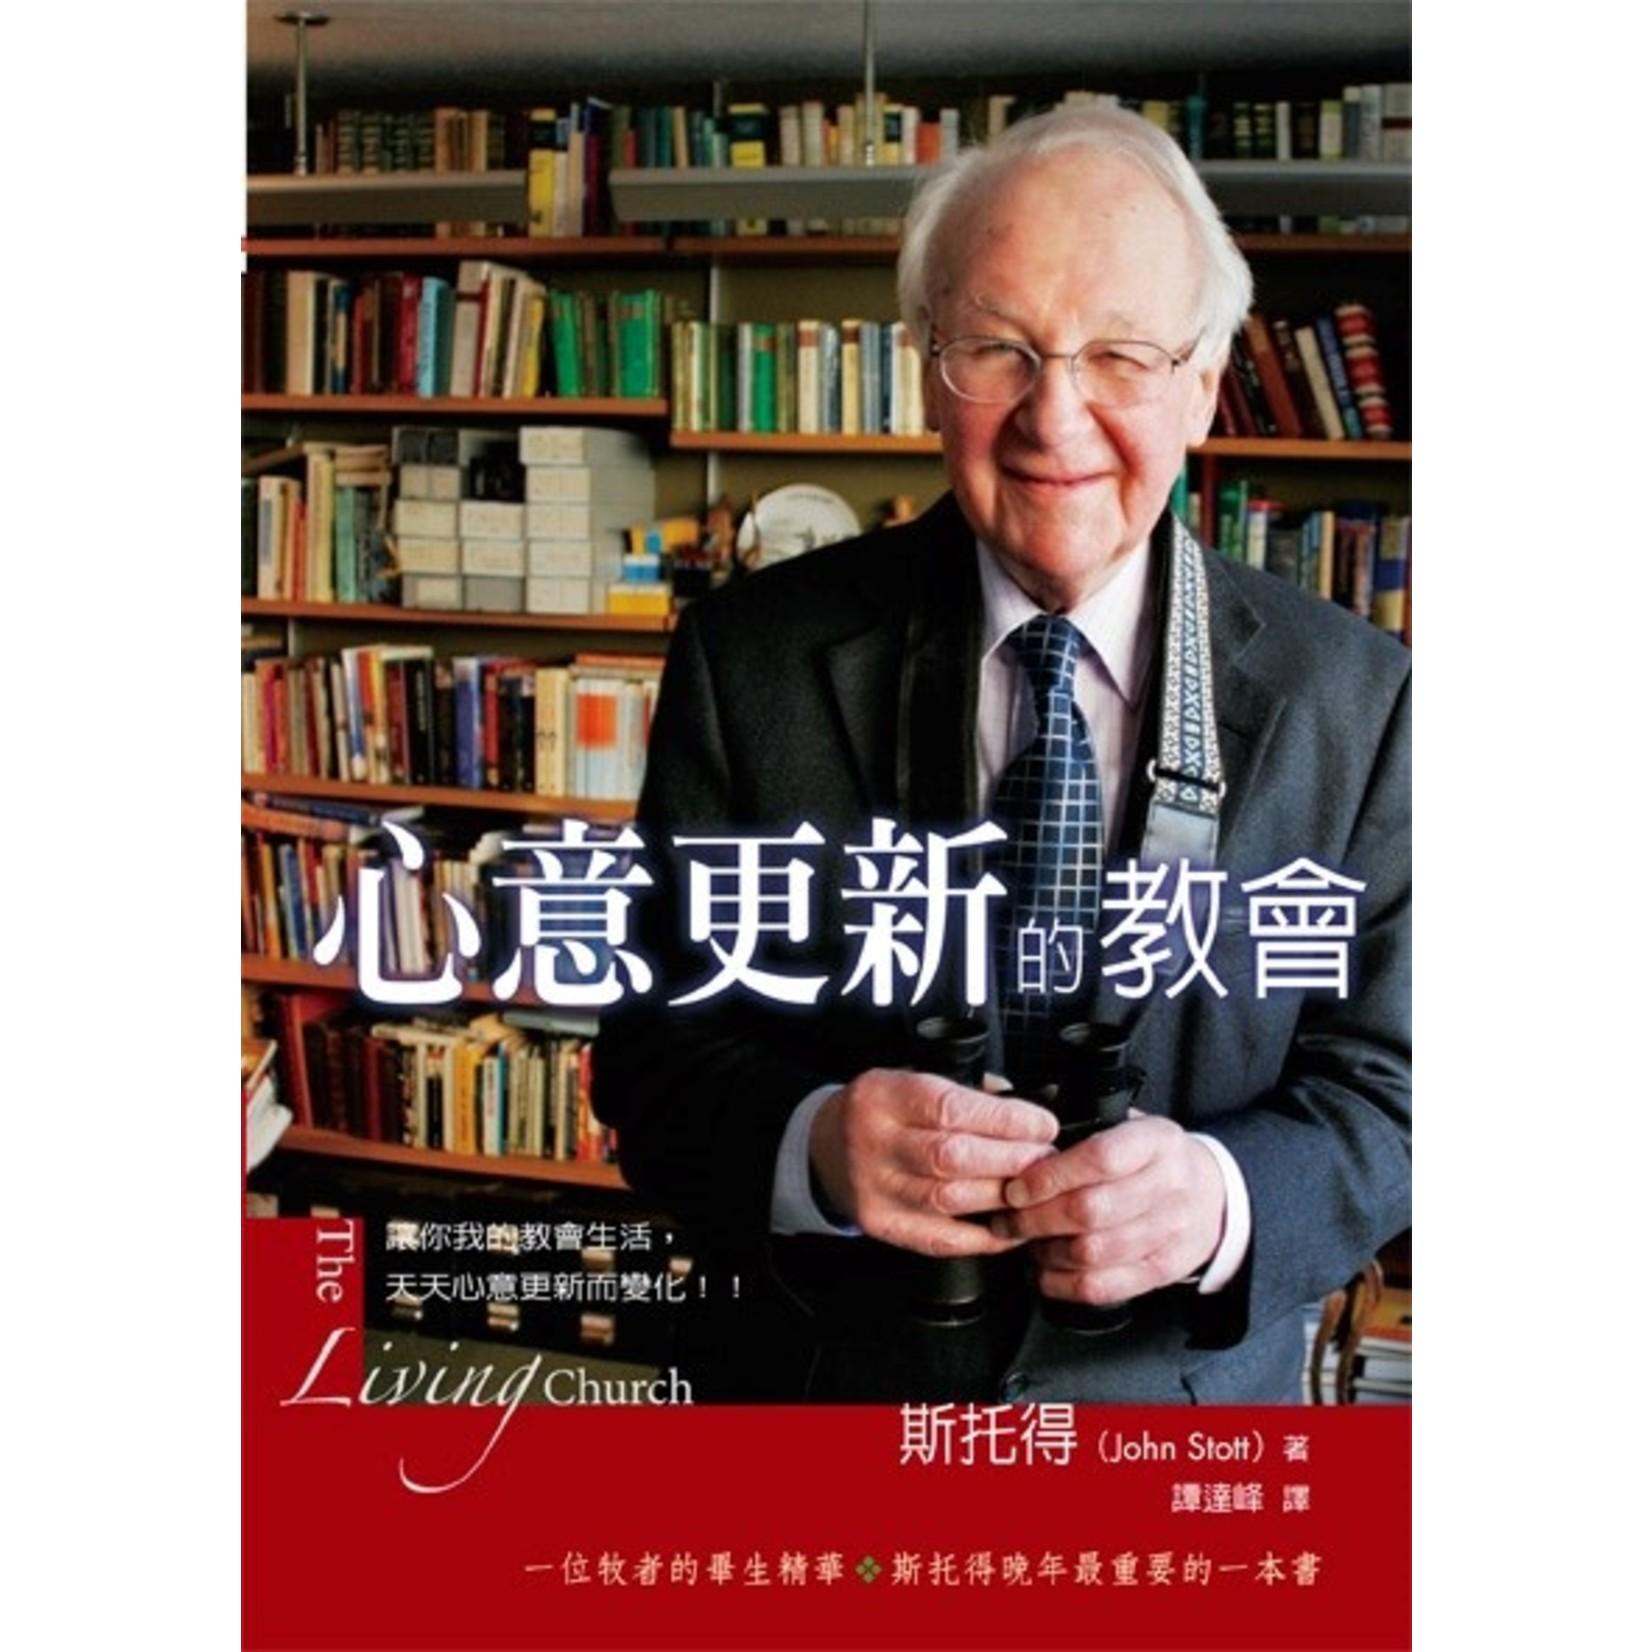 校園書房 Campus Books 心意更新的教會(繁體) The Living Church